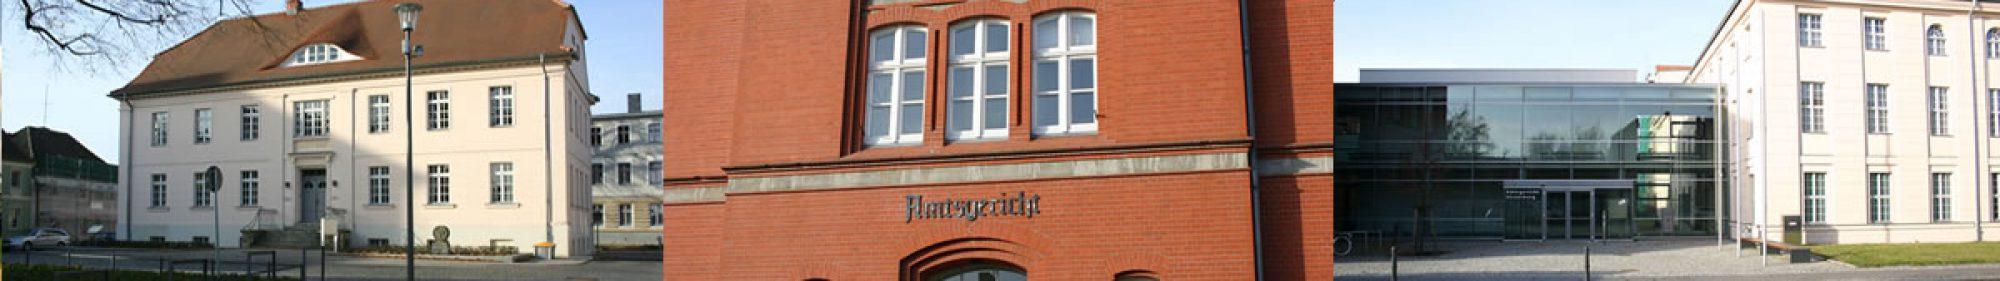 Strausberger Anwaltverein